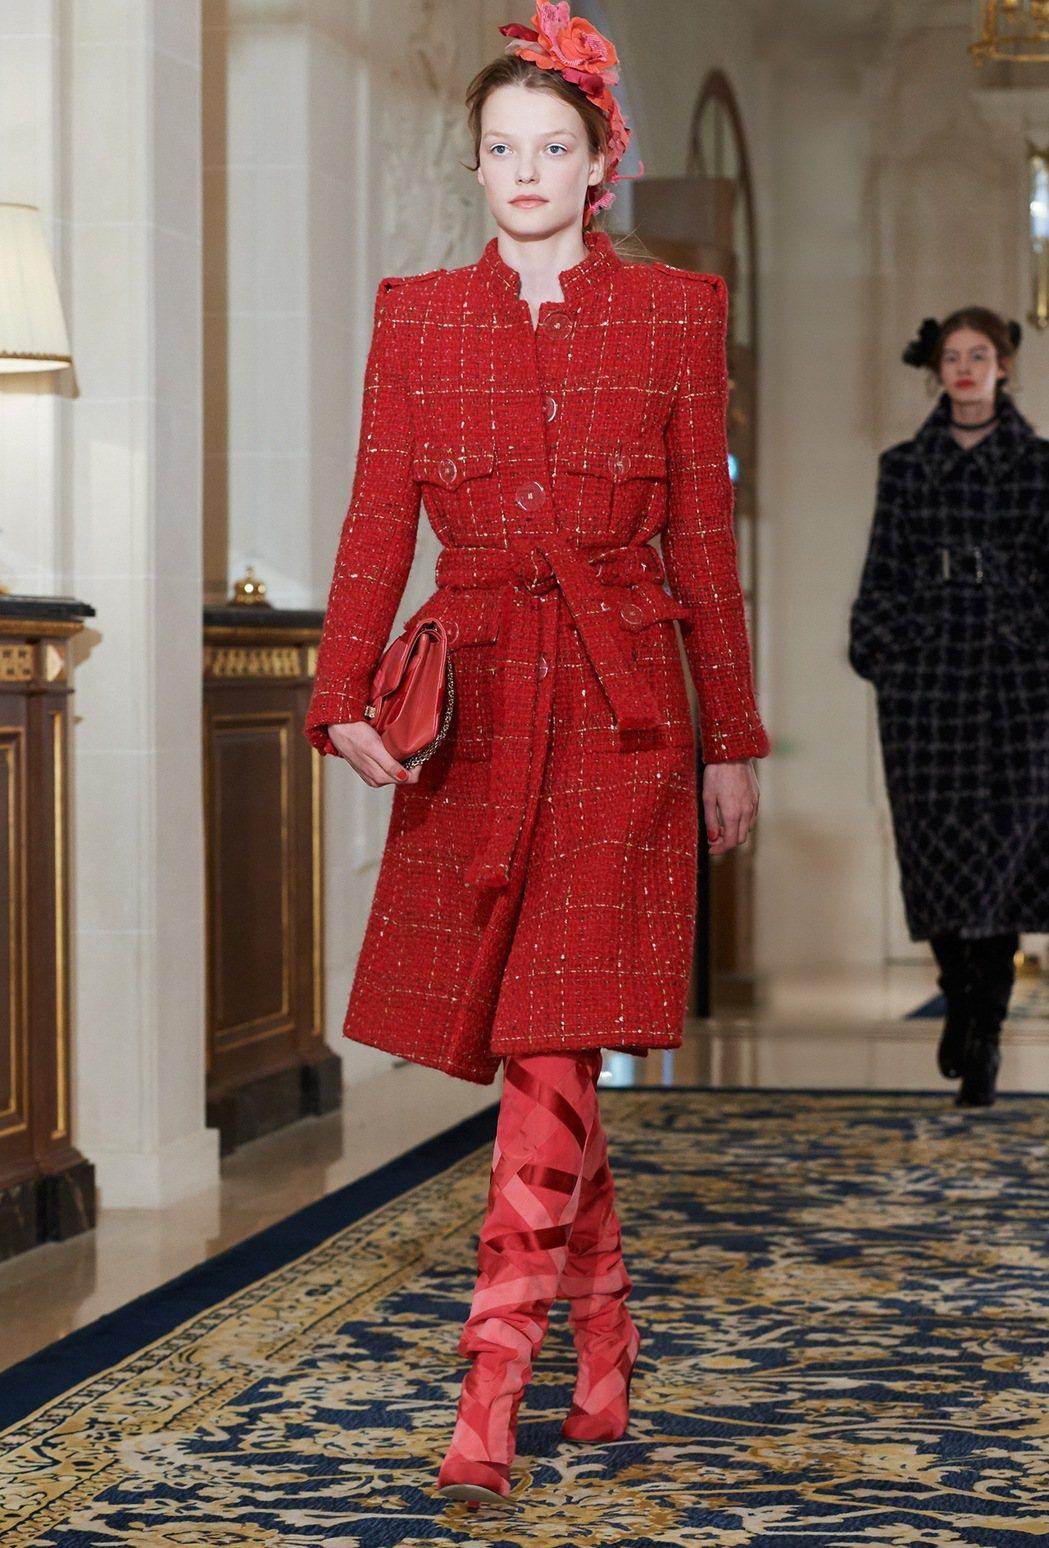 香奈兒2017巴黎大都會工坊系列女裝紅色斜紋軟呢大衣。圖/摘自微博